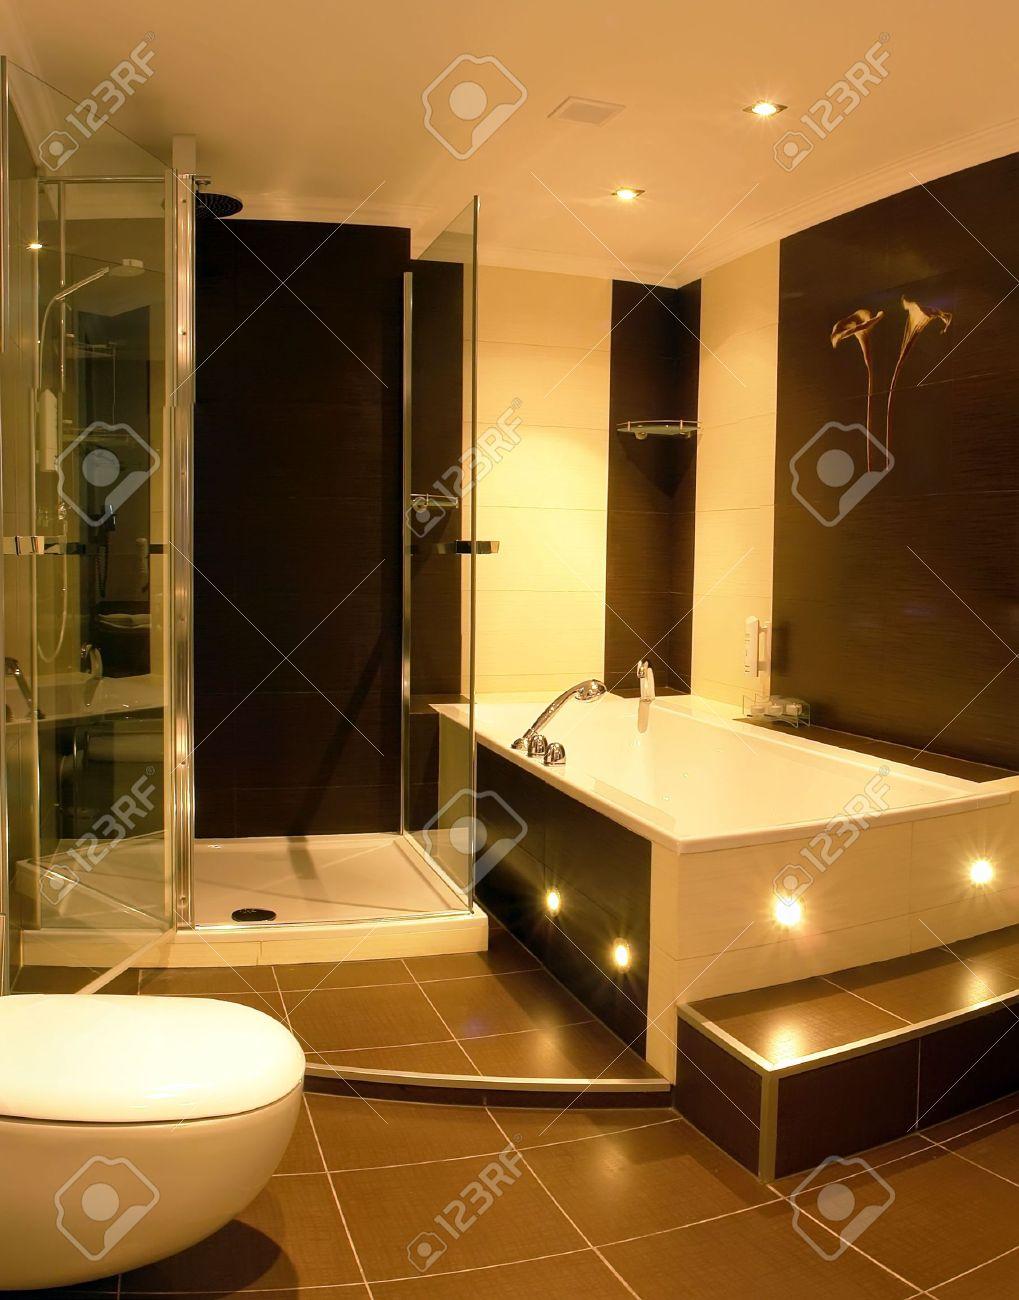 Une vue d\'une salle de bain moderne avec une cabine de douche vitrée et un  bain chaud.